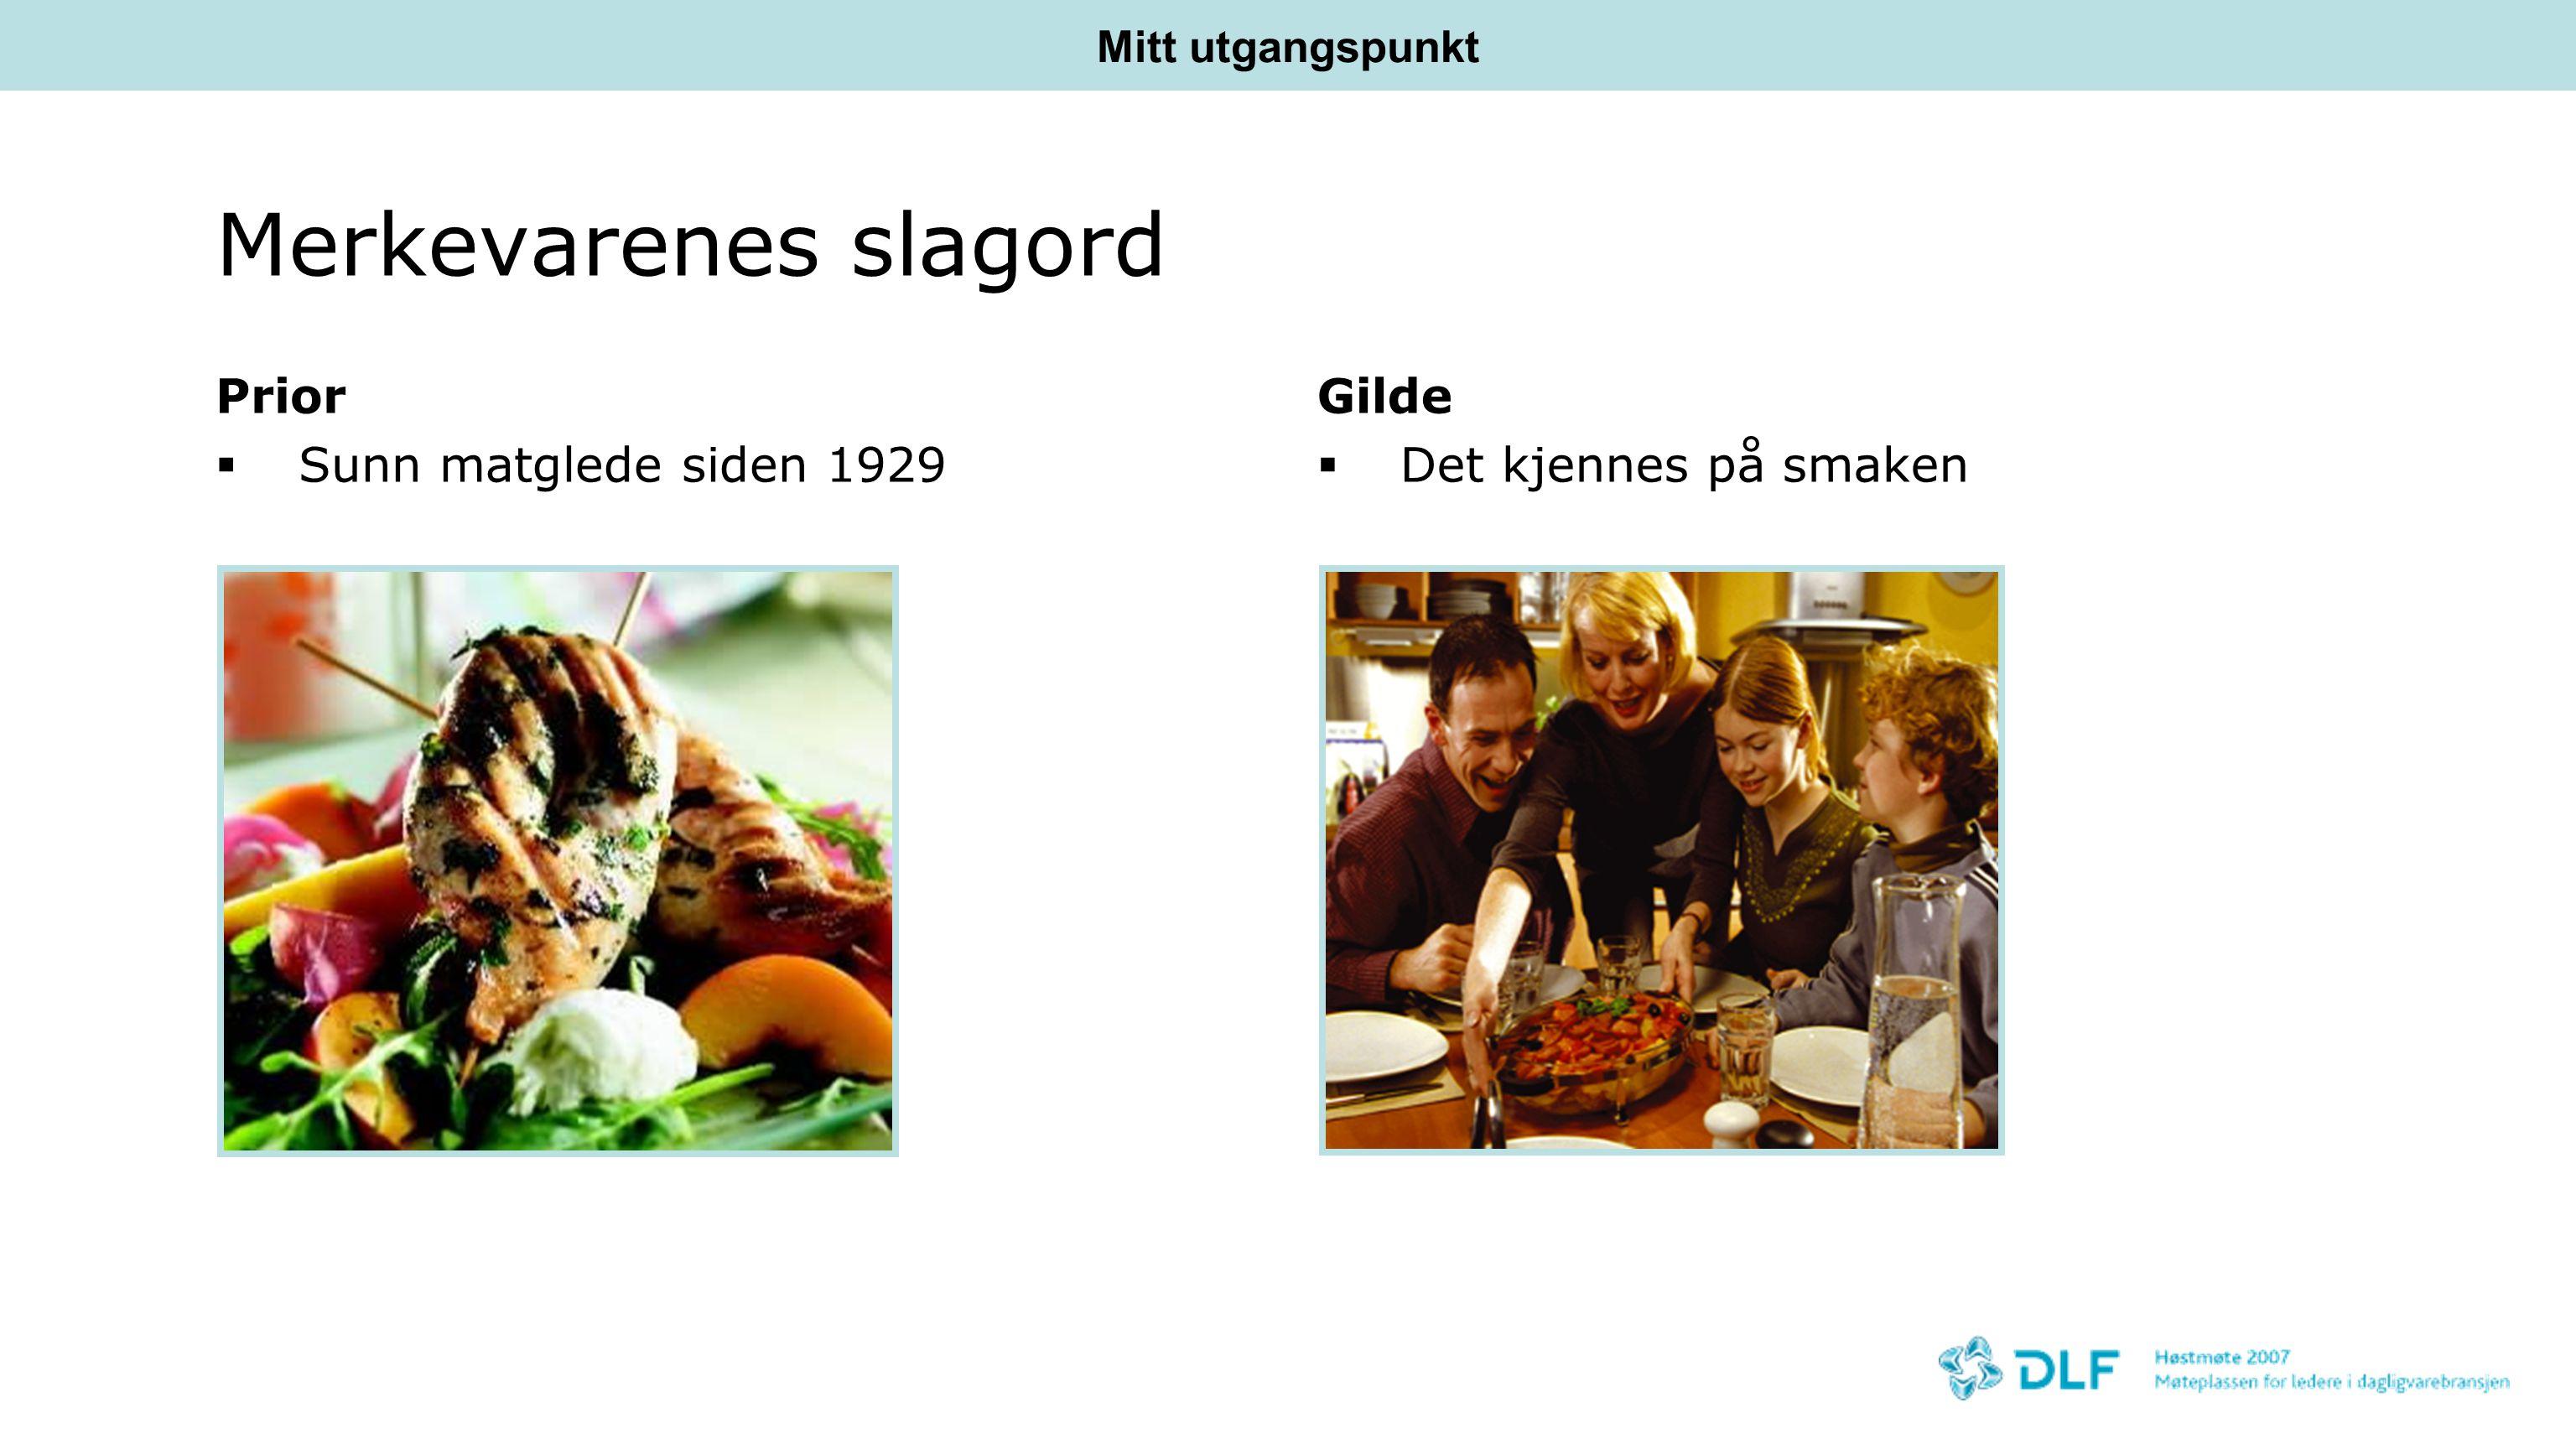 Merkevarenes slagord Prior  Sunn matglede siden 1929 Gilde  Det kjennes på smaken Mitt utgangspunkt